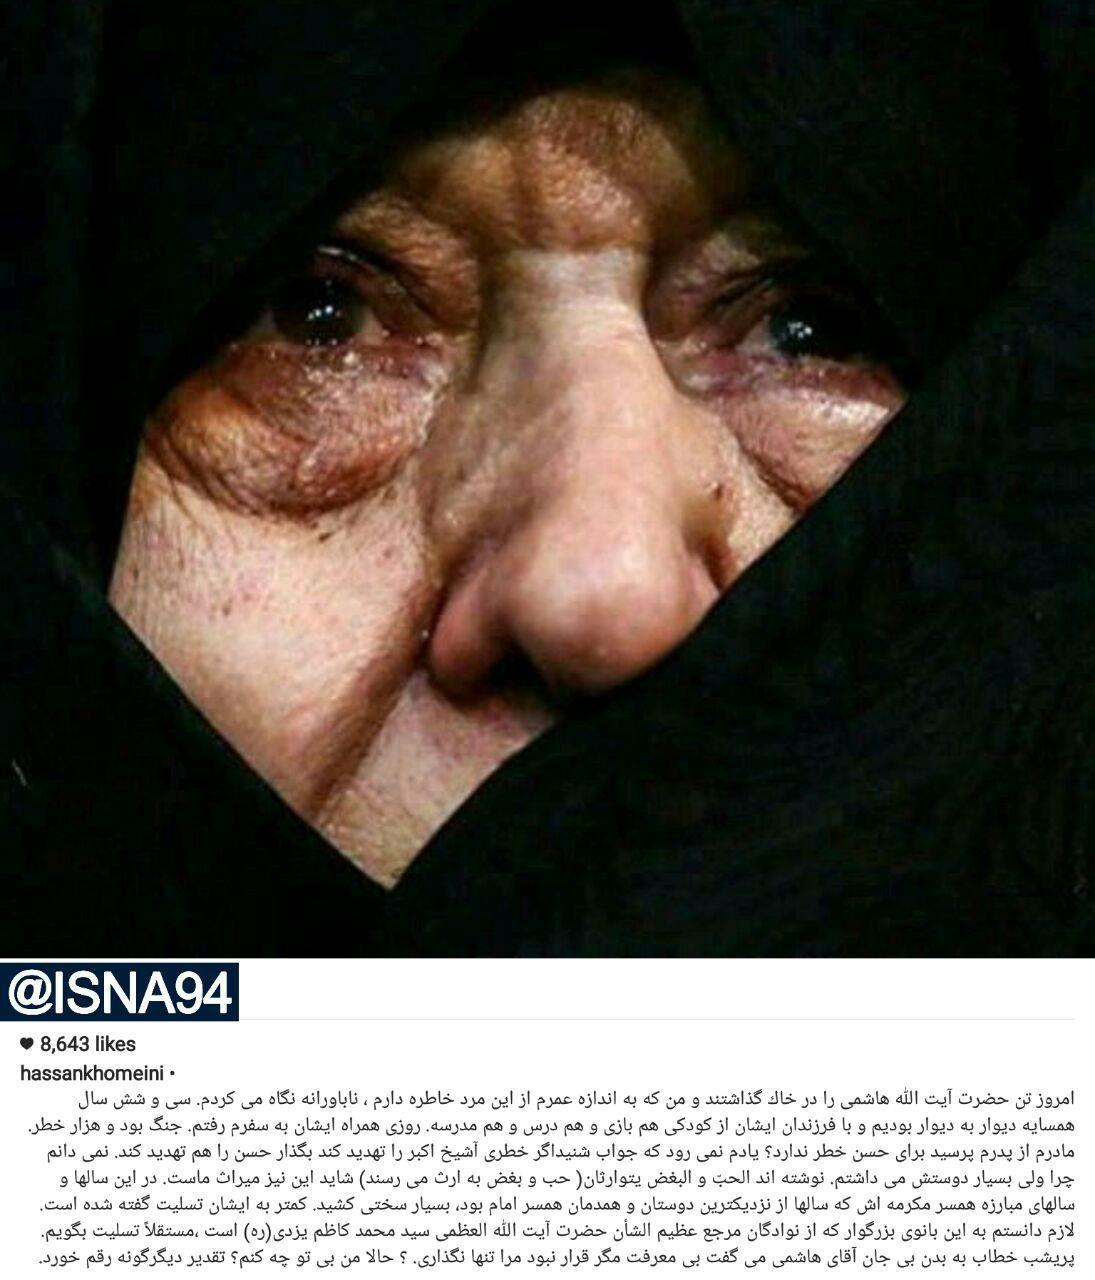 دلنوشته سید حسن خمینی برای عفت مرعشی